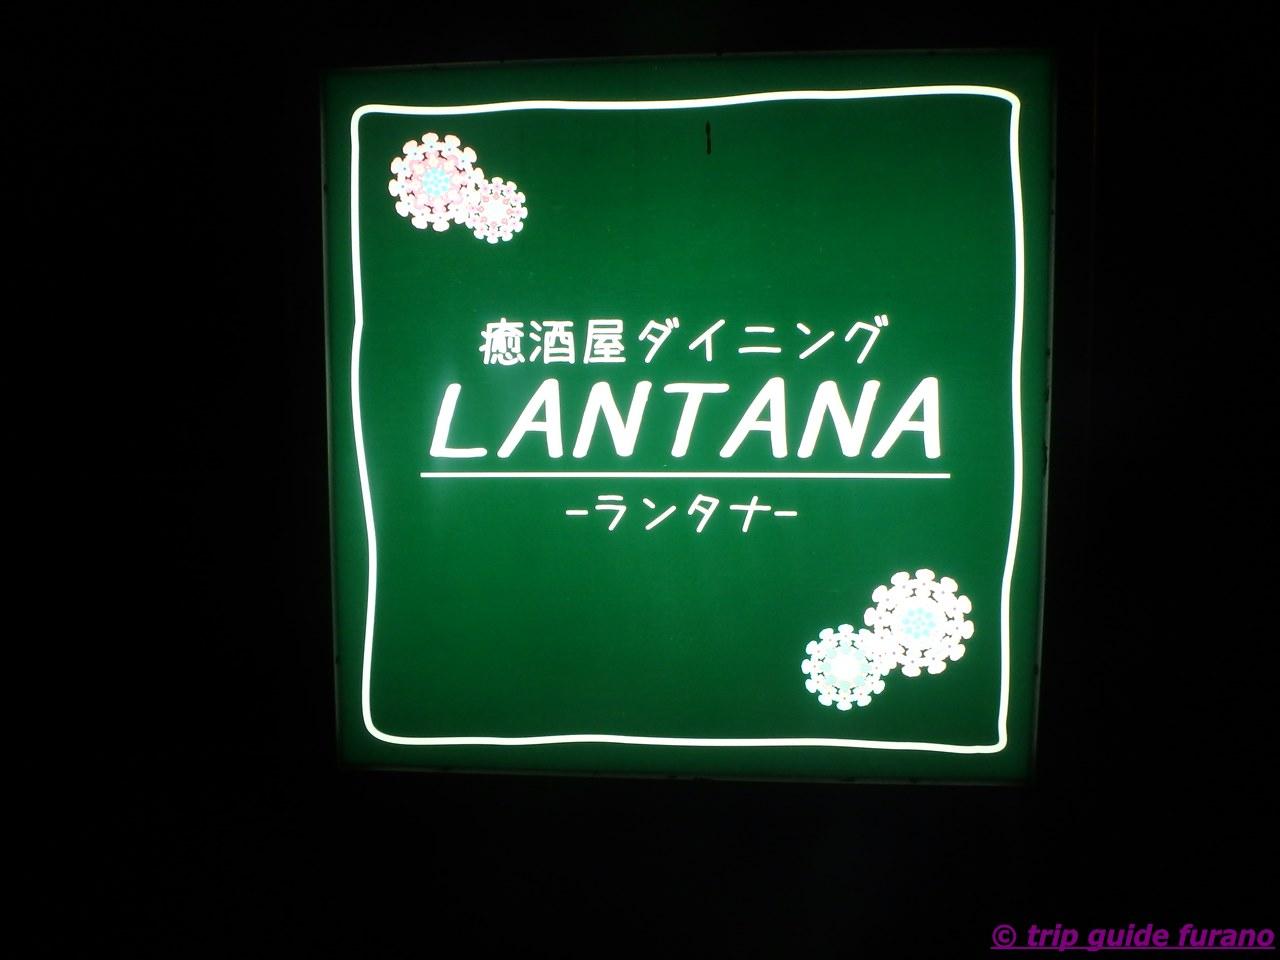 富良野 ランタナ 居酒屋 おすすめ 安い